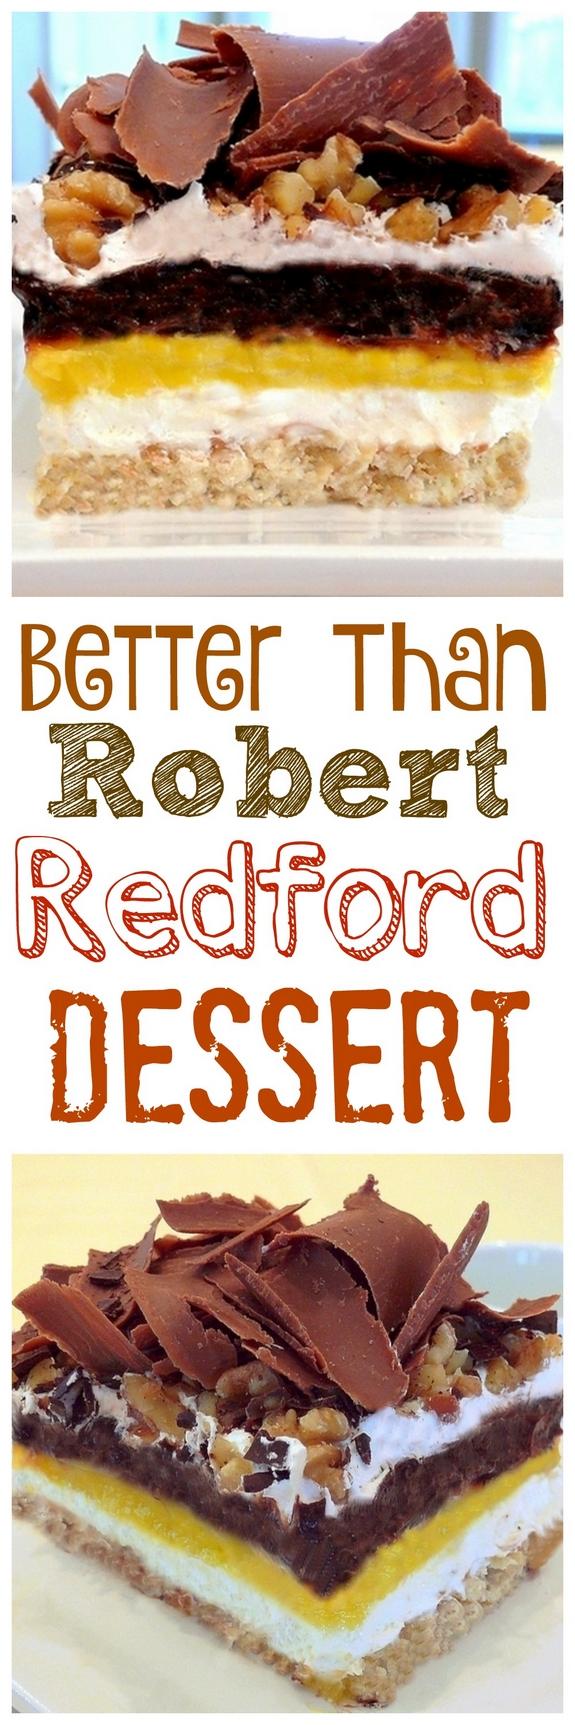 Better than Robert Redford Dessert